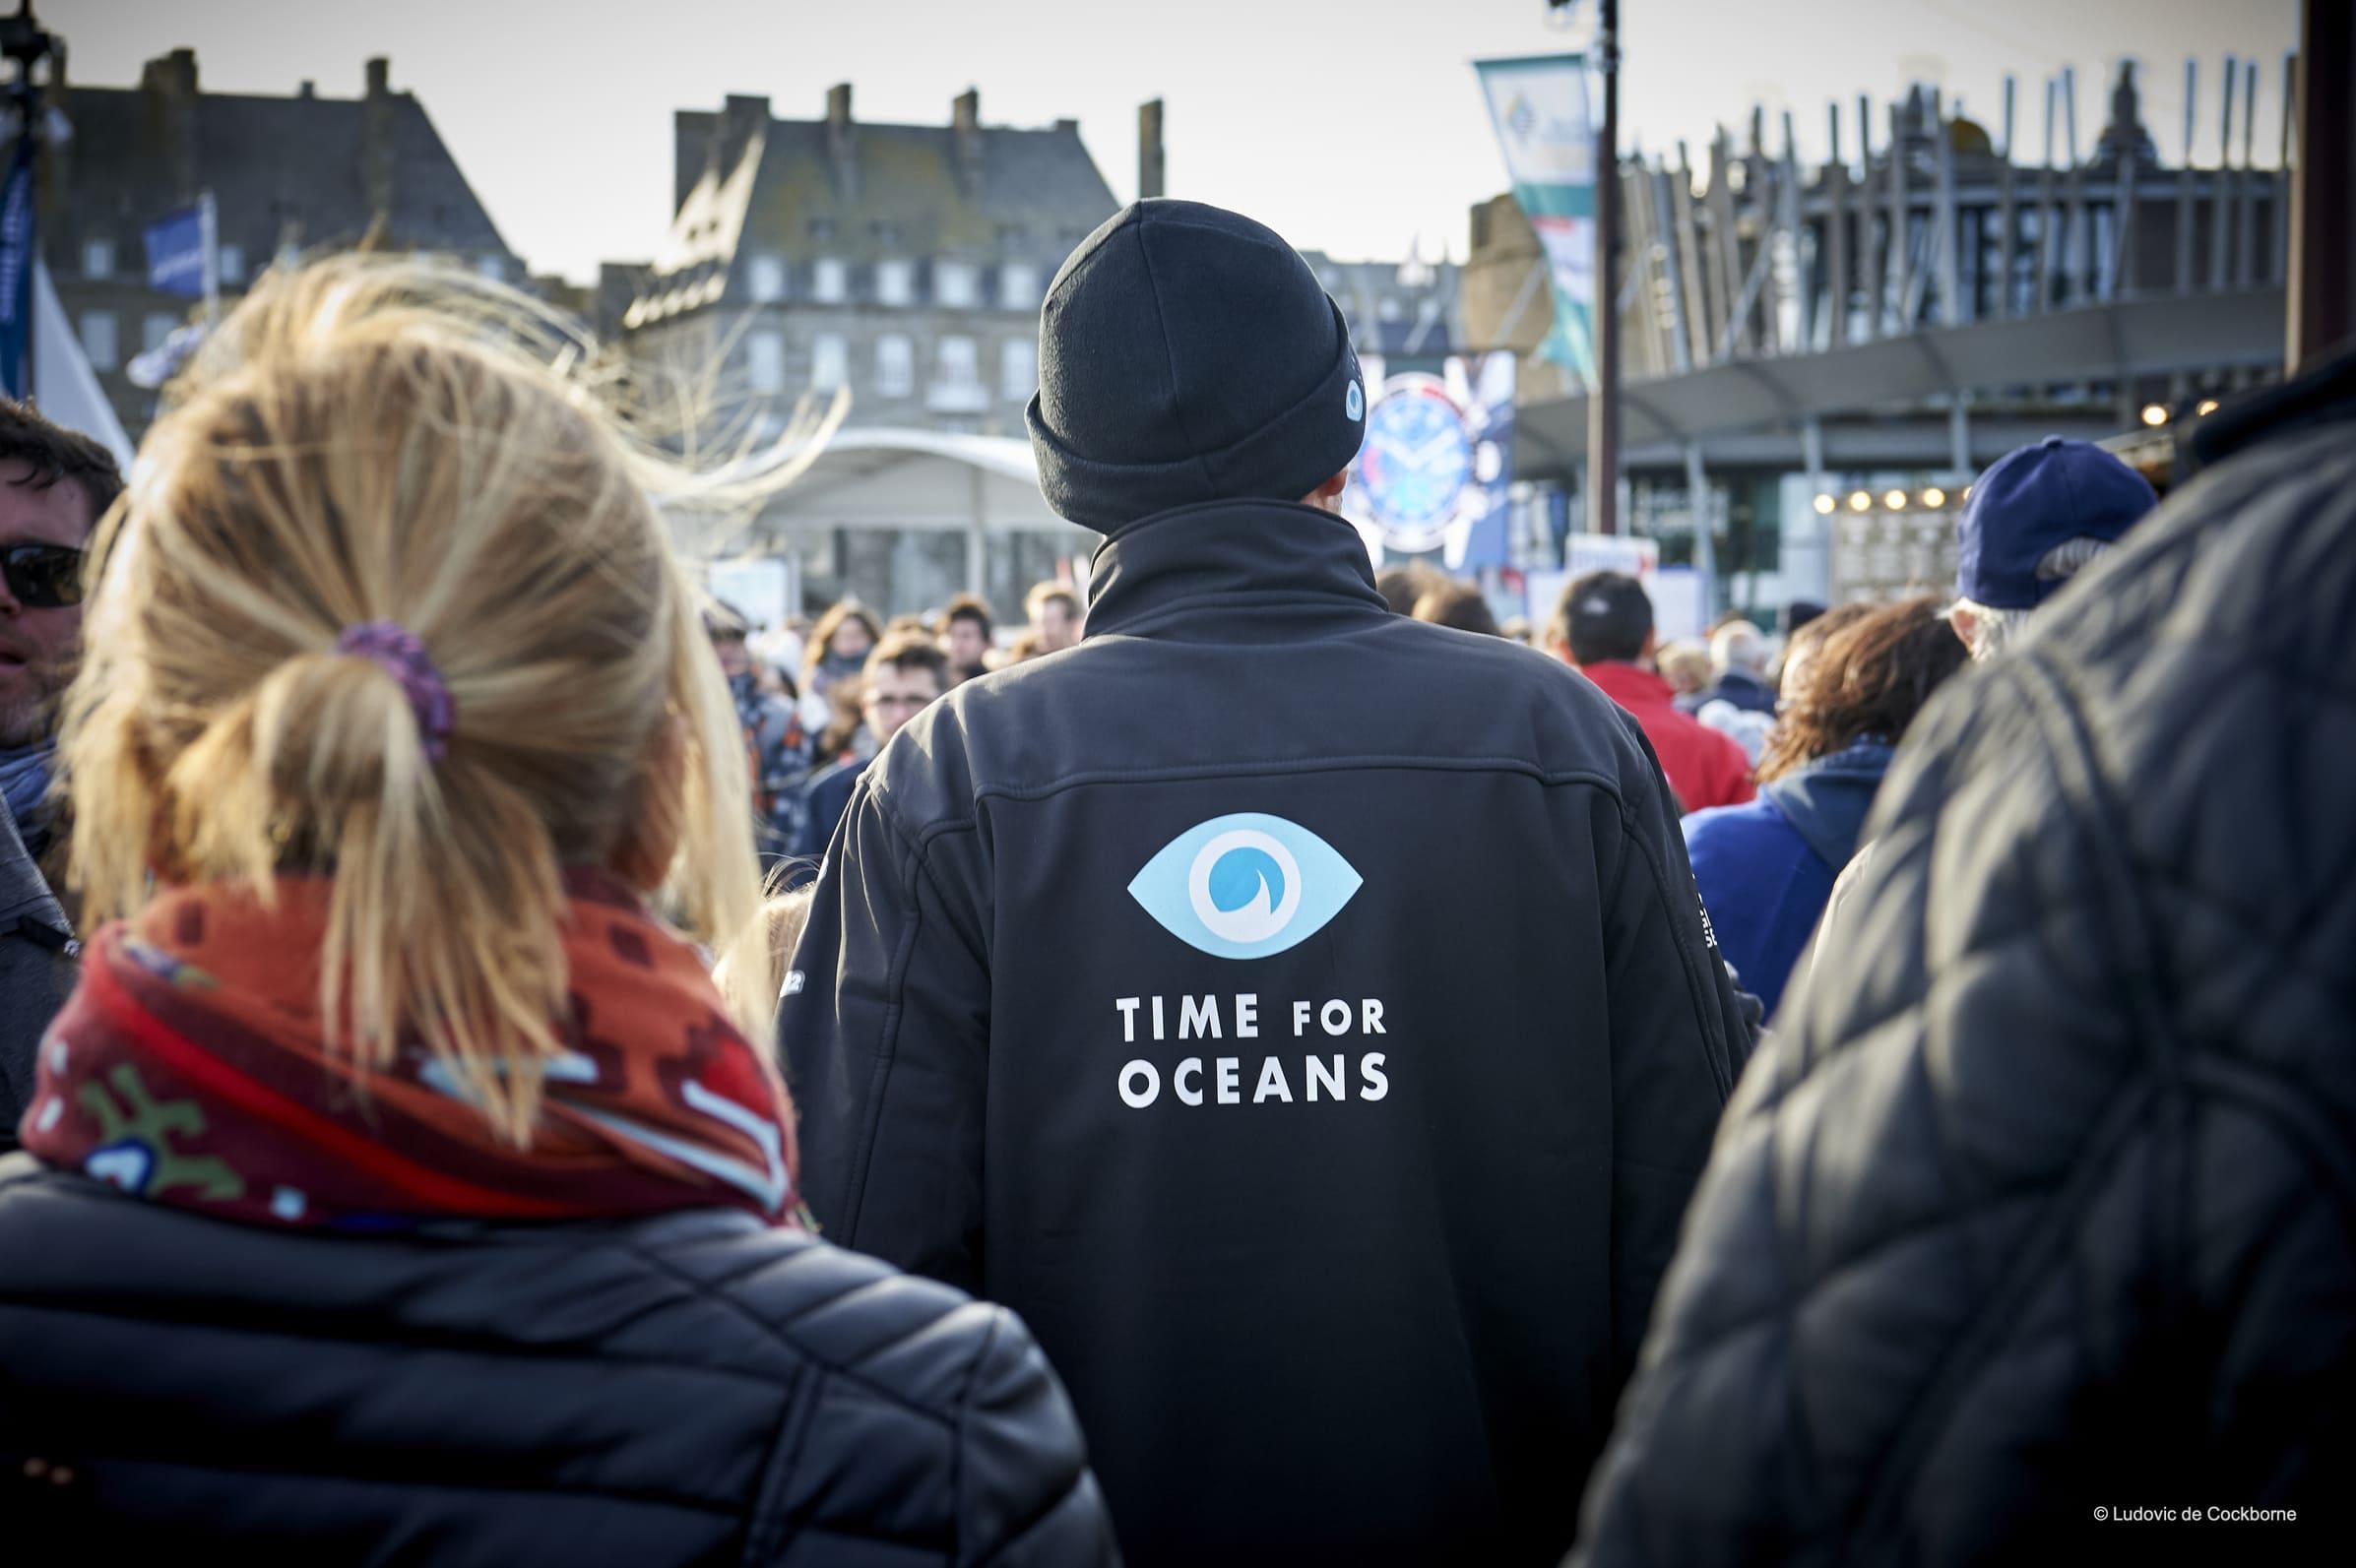 Stéphane Le Diraison promeut la cause des océans et s'affaire aux derniers préparatifs de l'IMOCA Time For Oceans avant le départ de la Route du Rhum 2018.